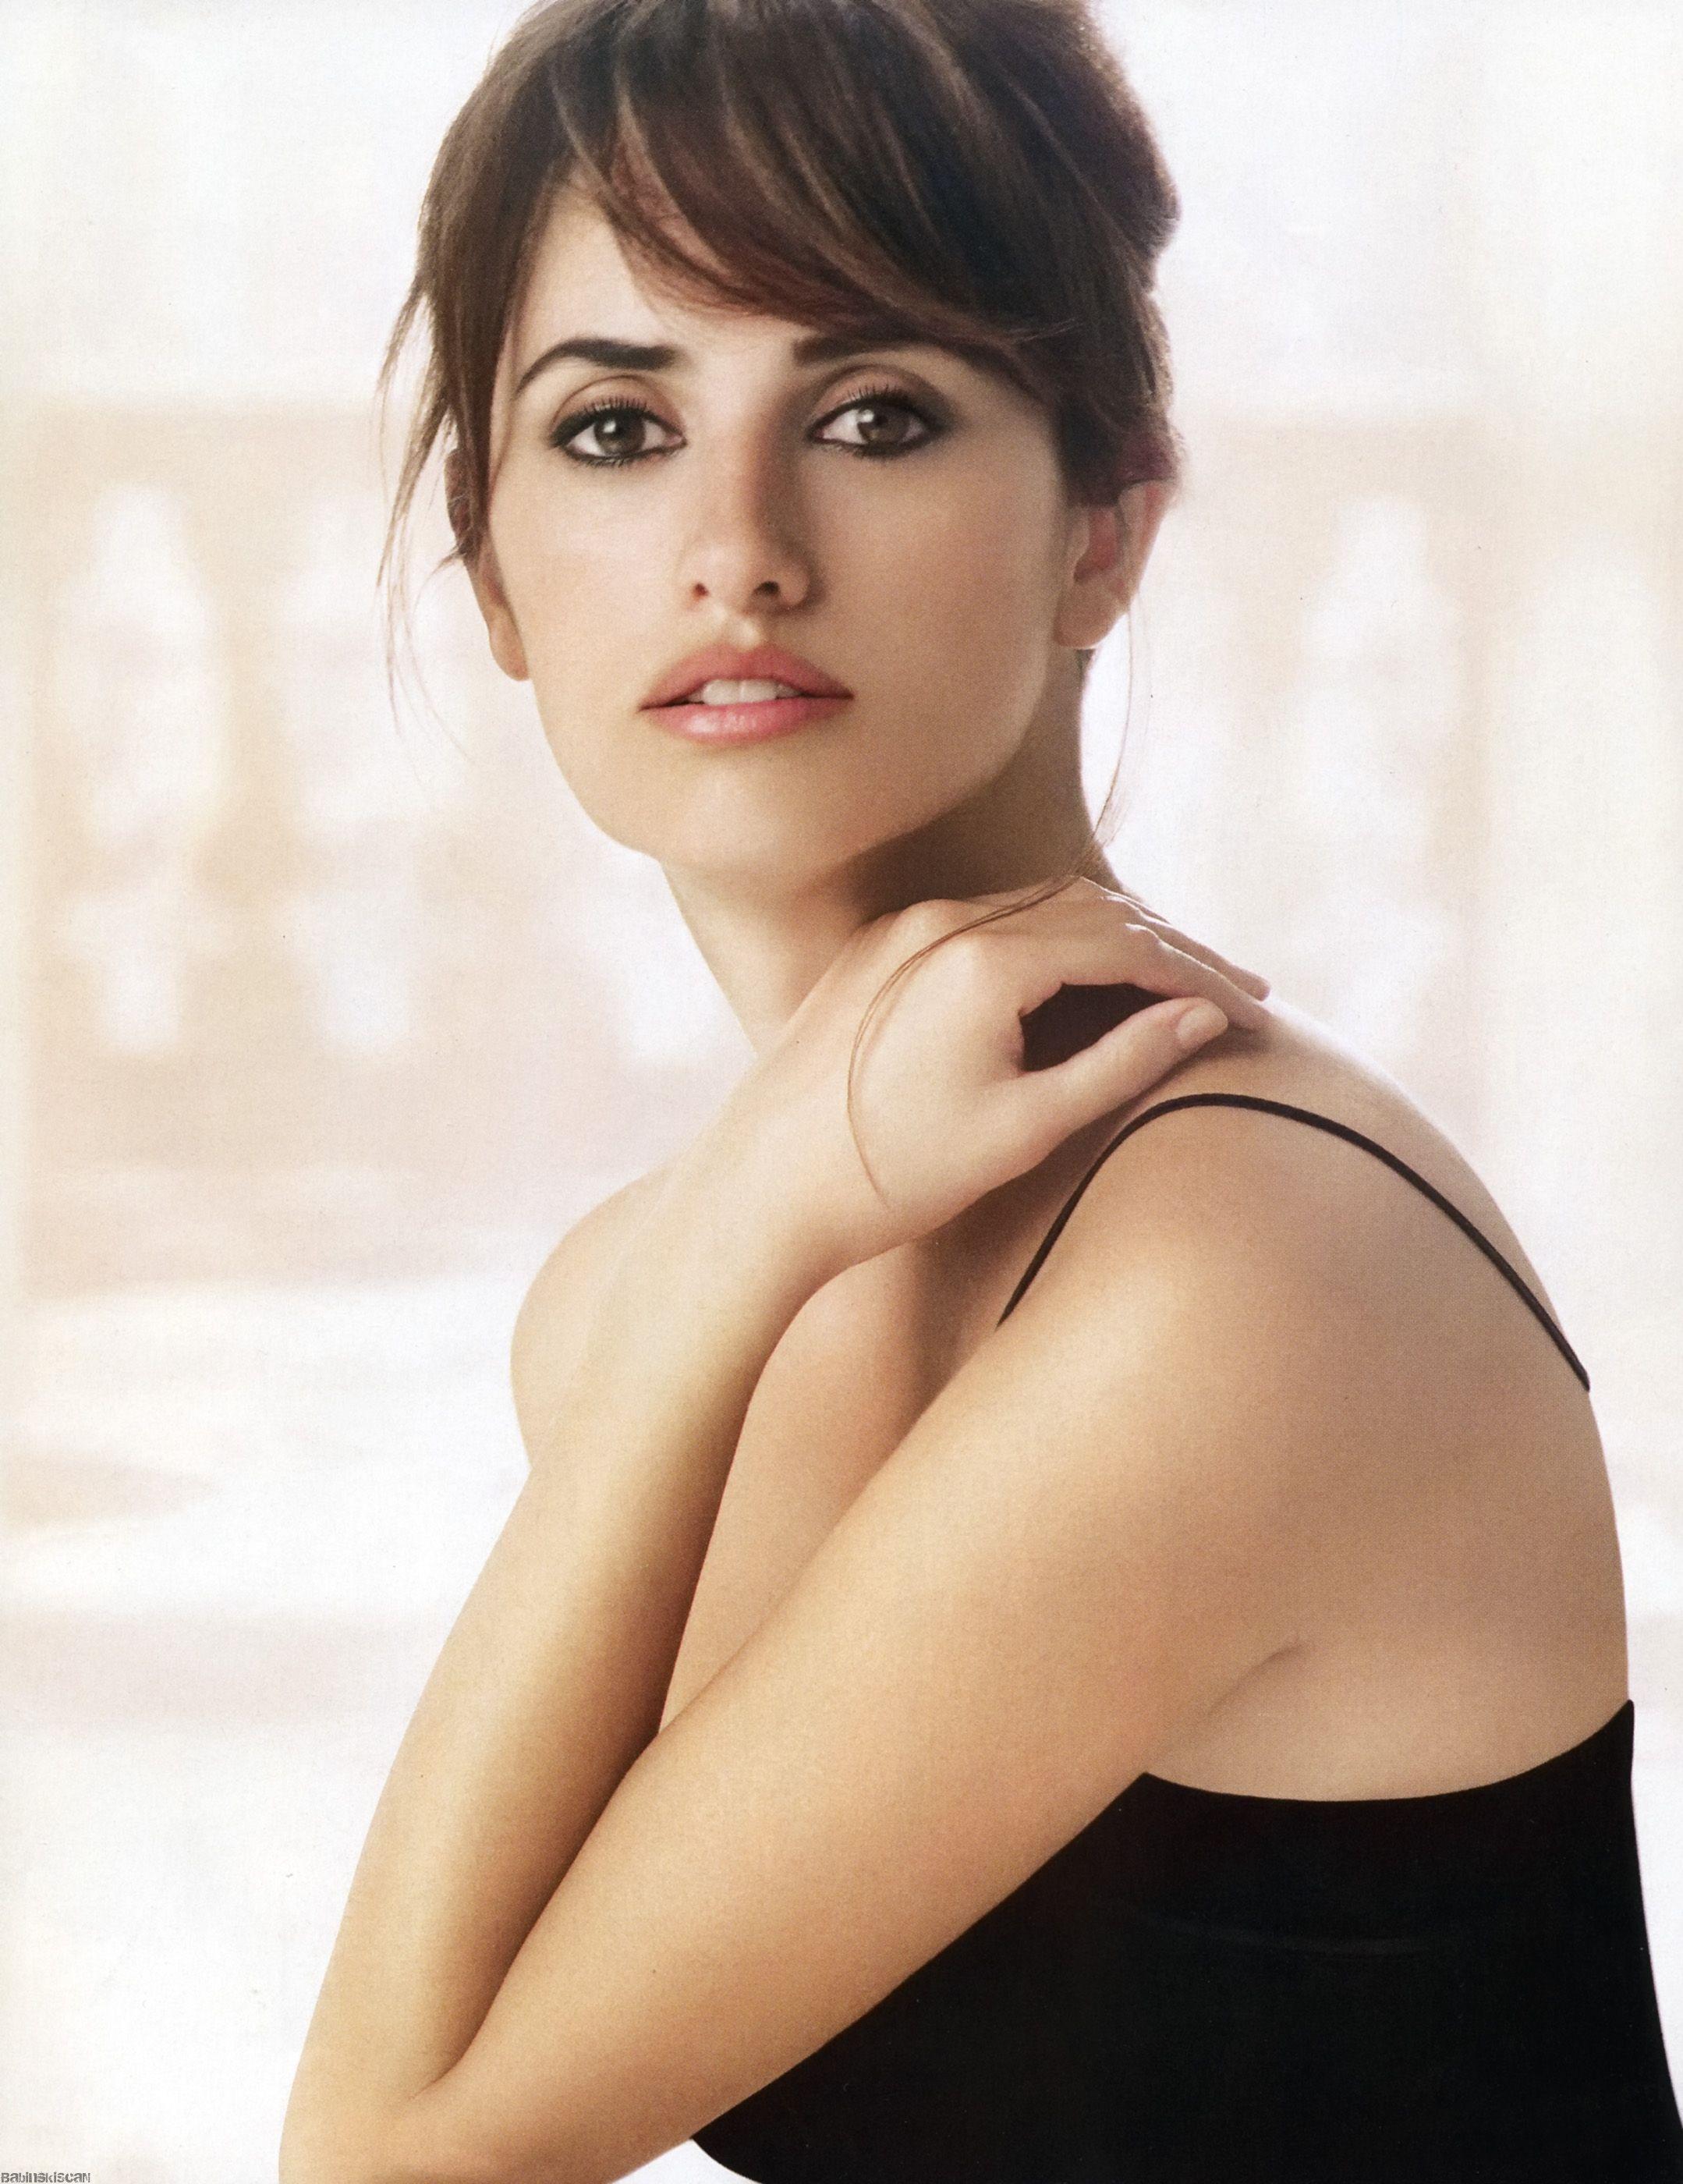 Penelope-Cruz-is-the-new-face-of-Loewe